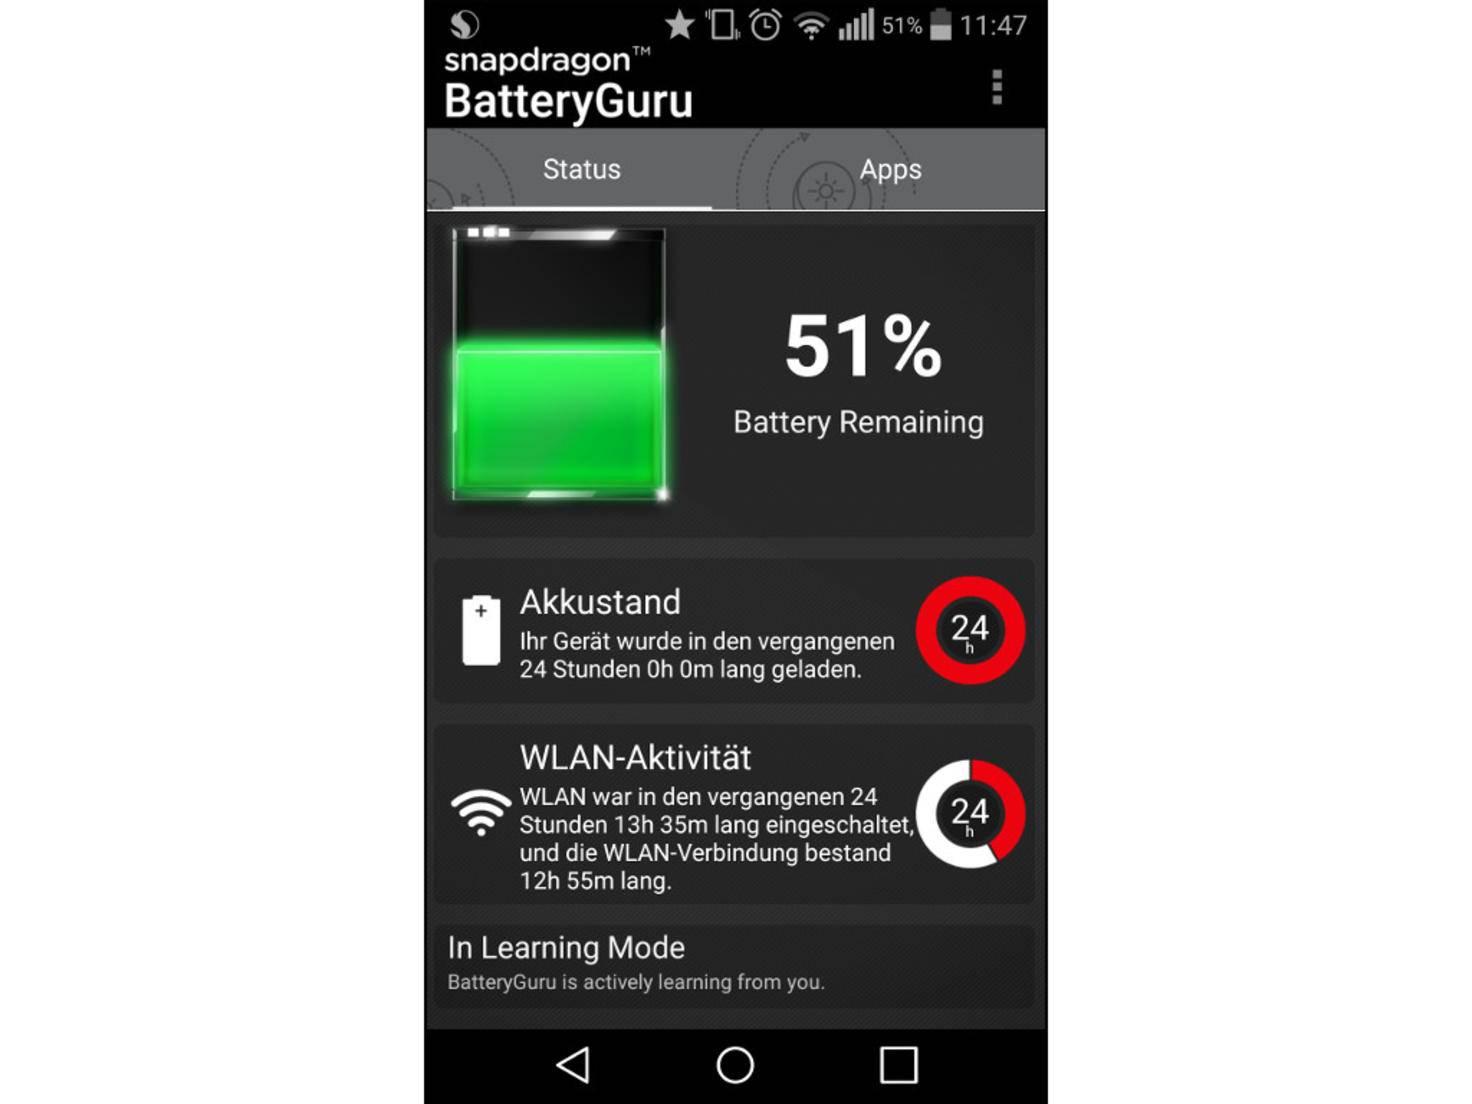 BatteryGuru01